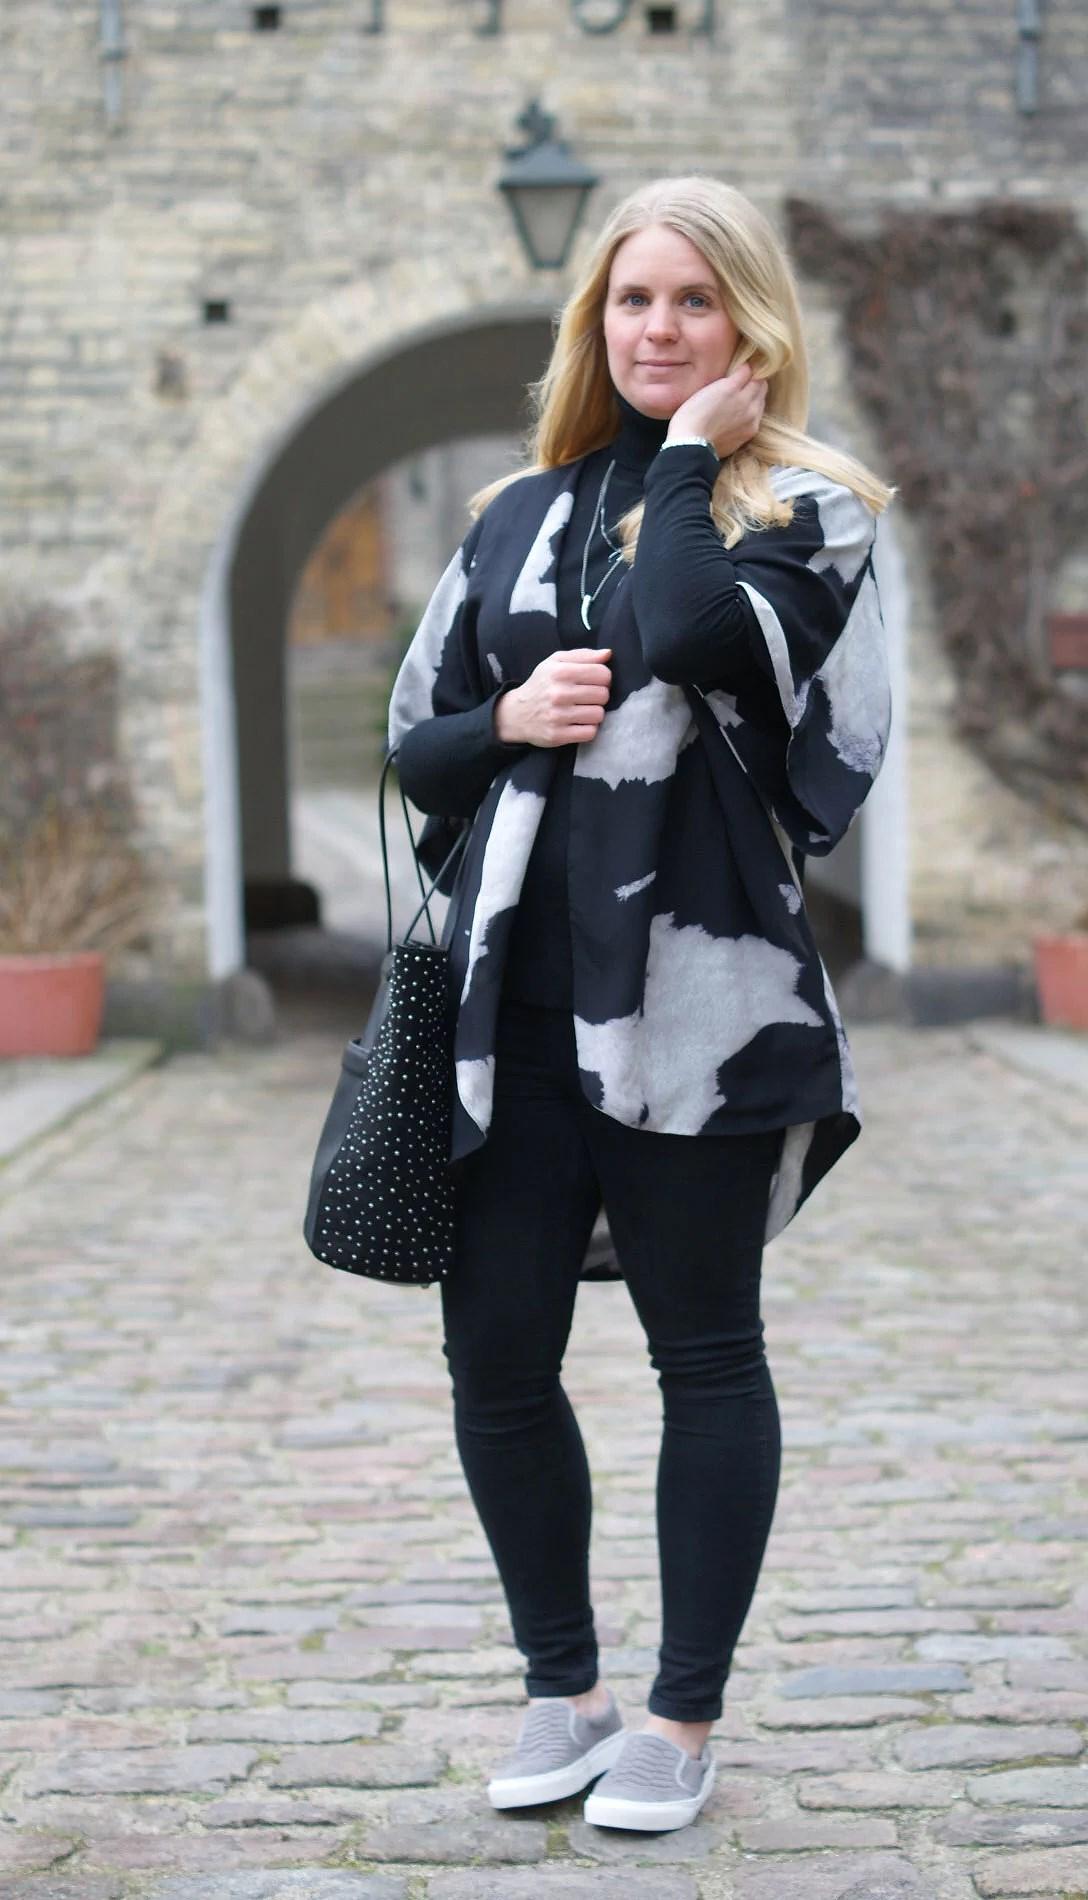 Aalborg, Aalborg blog, It's My Passions, Modeblogger i Aalborg, Modeblogger, Julie Mænnchen, Fransa læderjakke, H&M, Black Lily, Mode